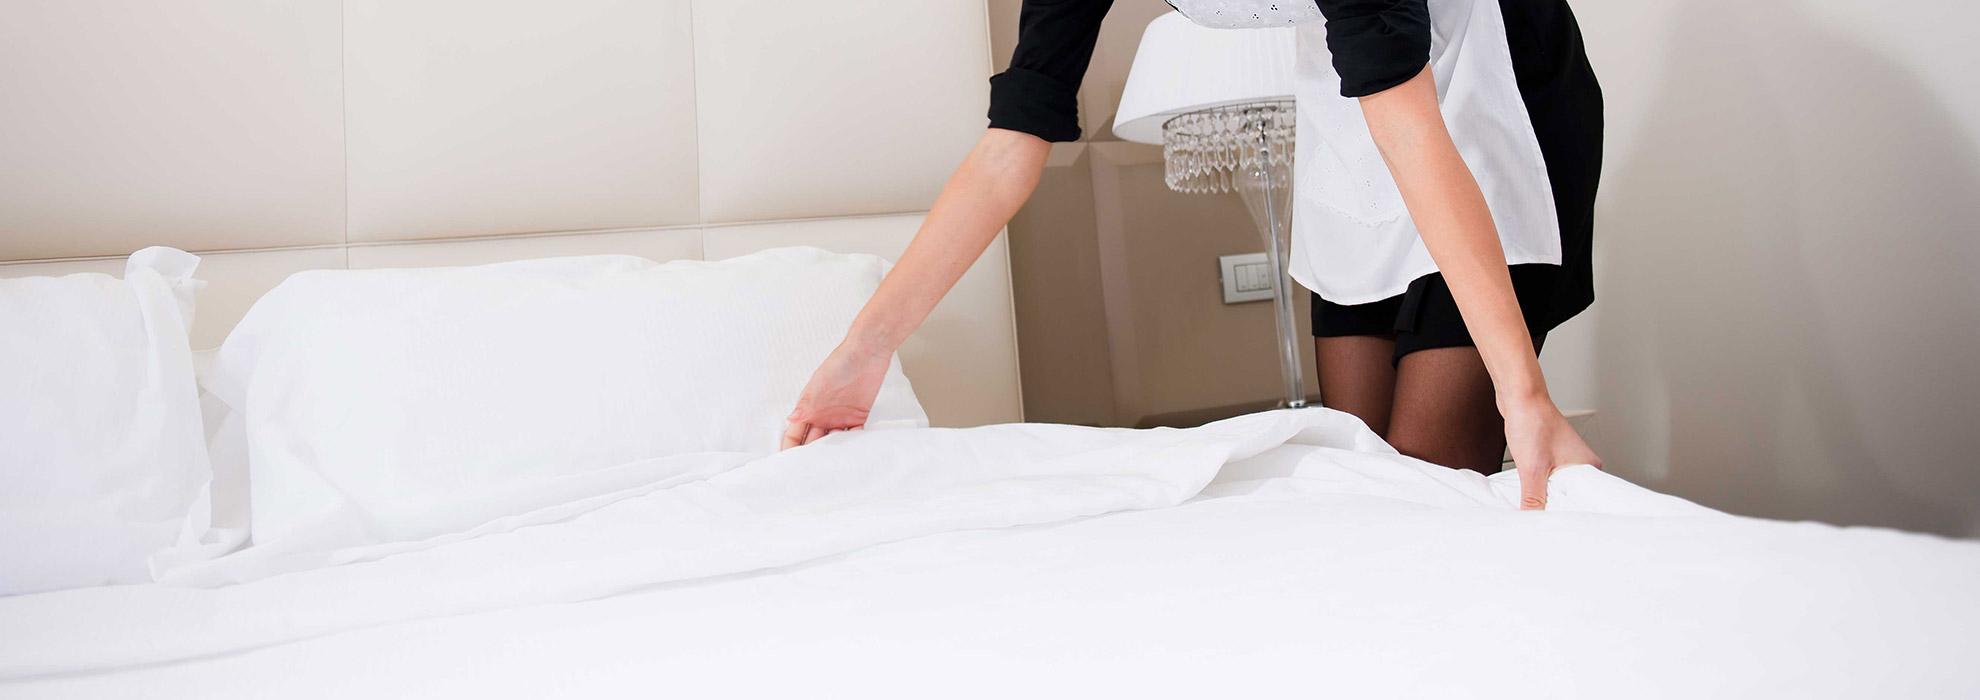 Hotel1 | Soluciones en Lavandería para Hoteles | Hi-Wash - Soluciones de Lavado, Secado y Planchado